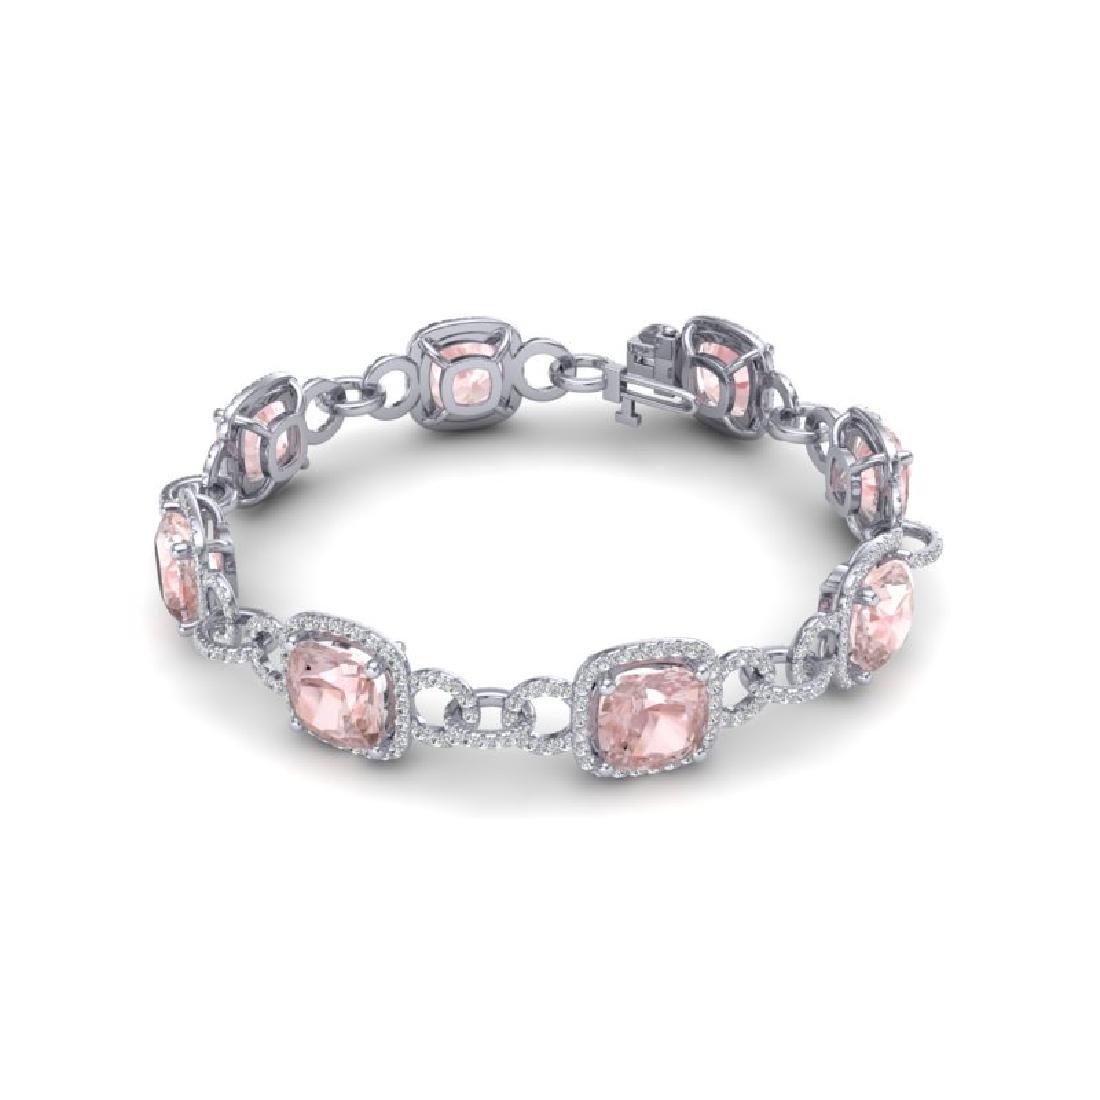 22 CTW Morganite & VS/SI Diamond Bracelet 14K White - 2